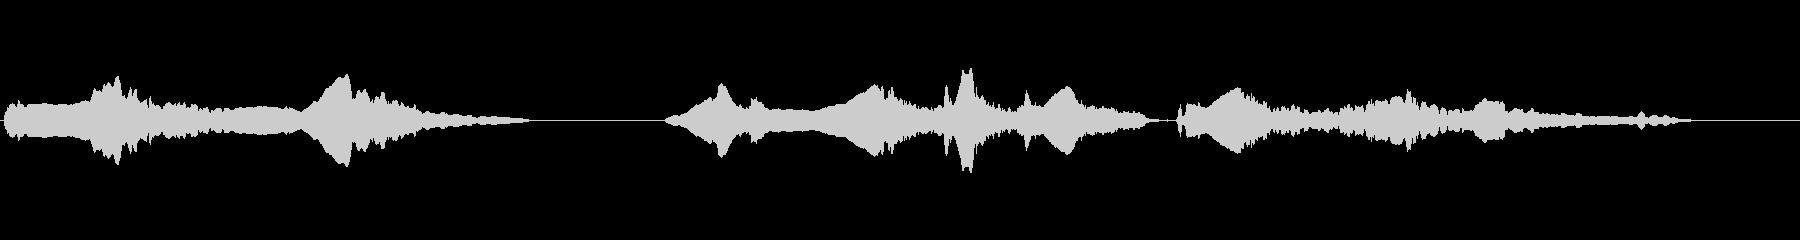 尺八の独奏 生演奏 和風のシーンなど 2の未再生の波形